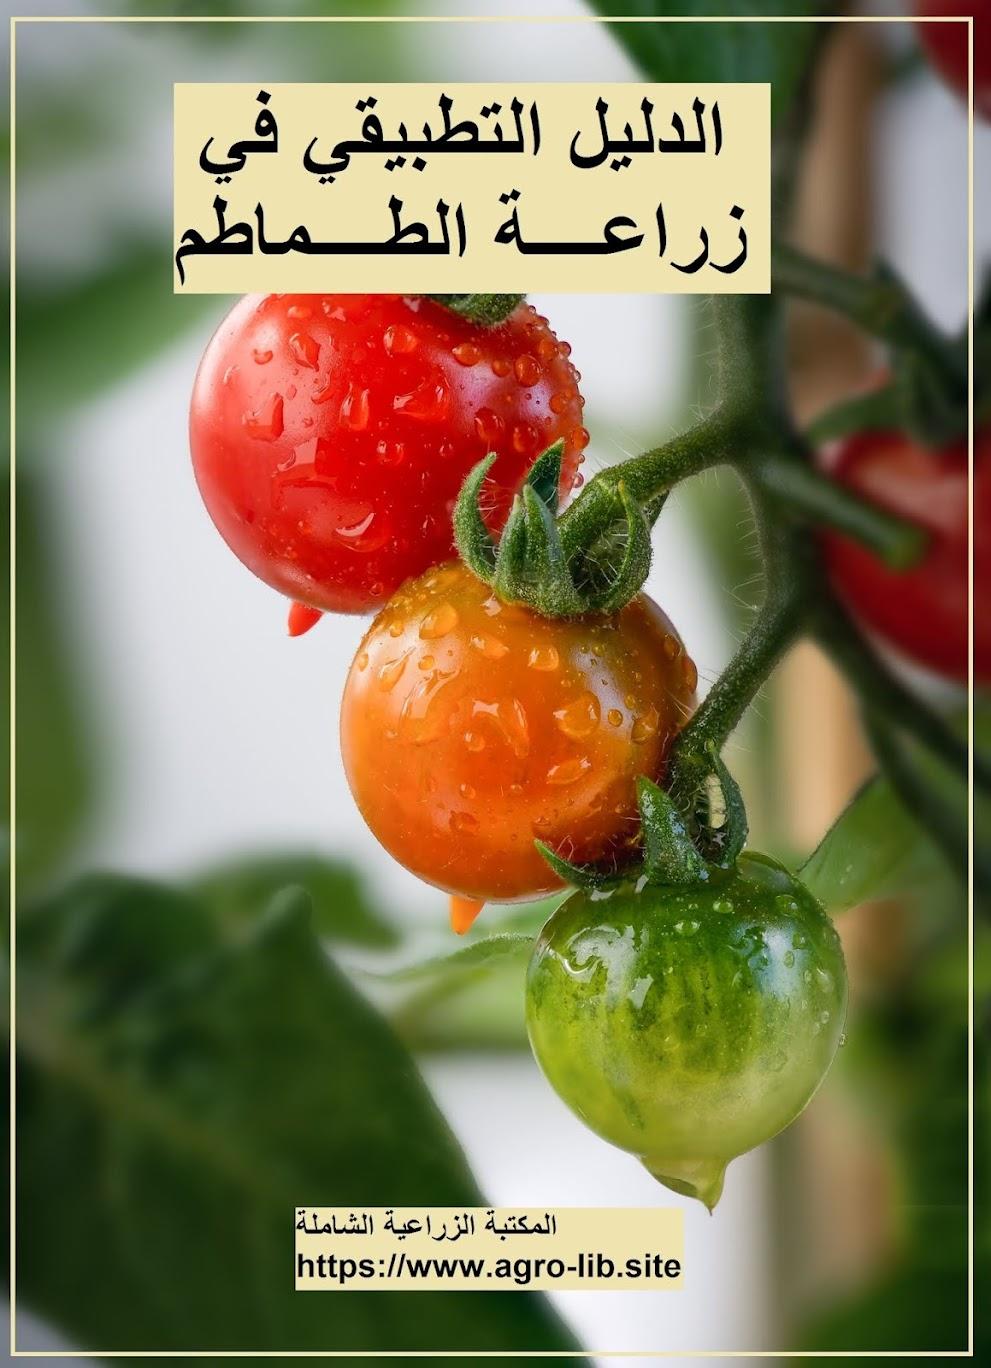 كتاب : الدليل التطبيقي في زراعة الطماطم